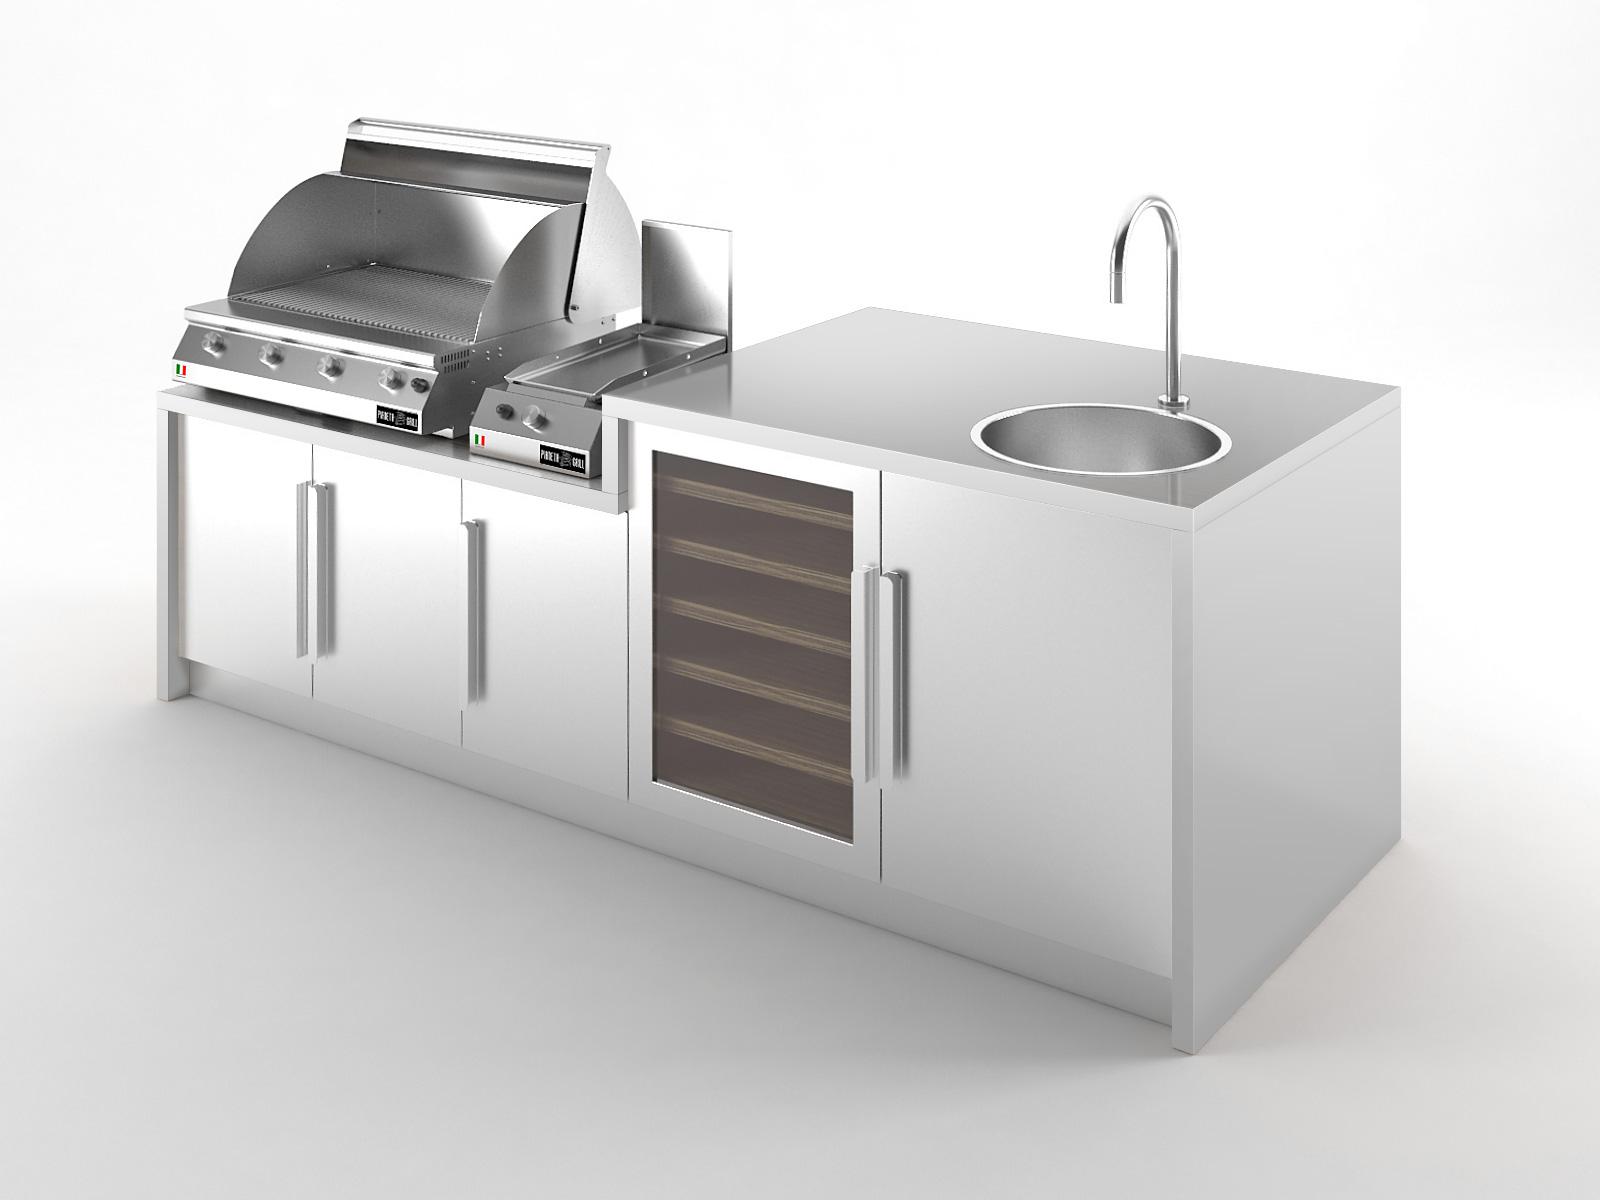 Cucine Da Esterno Prezzi cucine da esterno - grilled luxury - pianeta grill